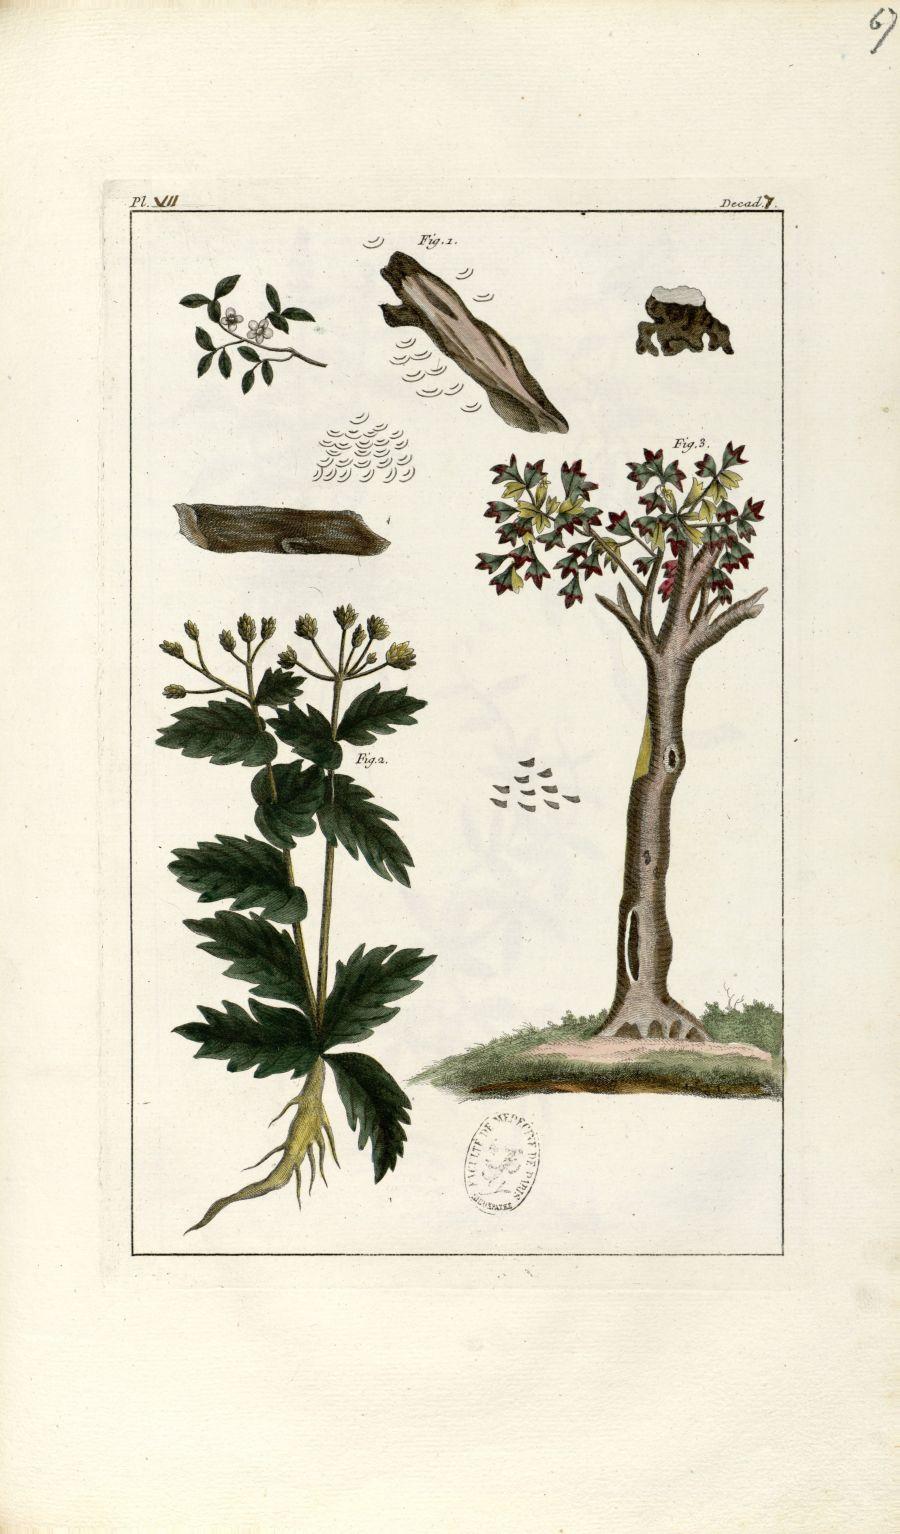 Planche VII. Decad. 7 - Herbier ou collection des plantes médicinales de la Chine d'après un manuscr [...] - Botanique. Plantes (médecine). Chine. 18e siècle - med01989x0070